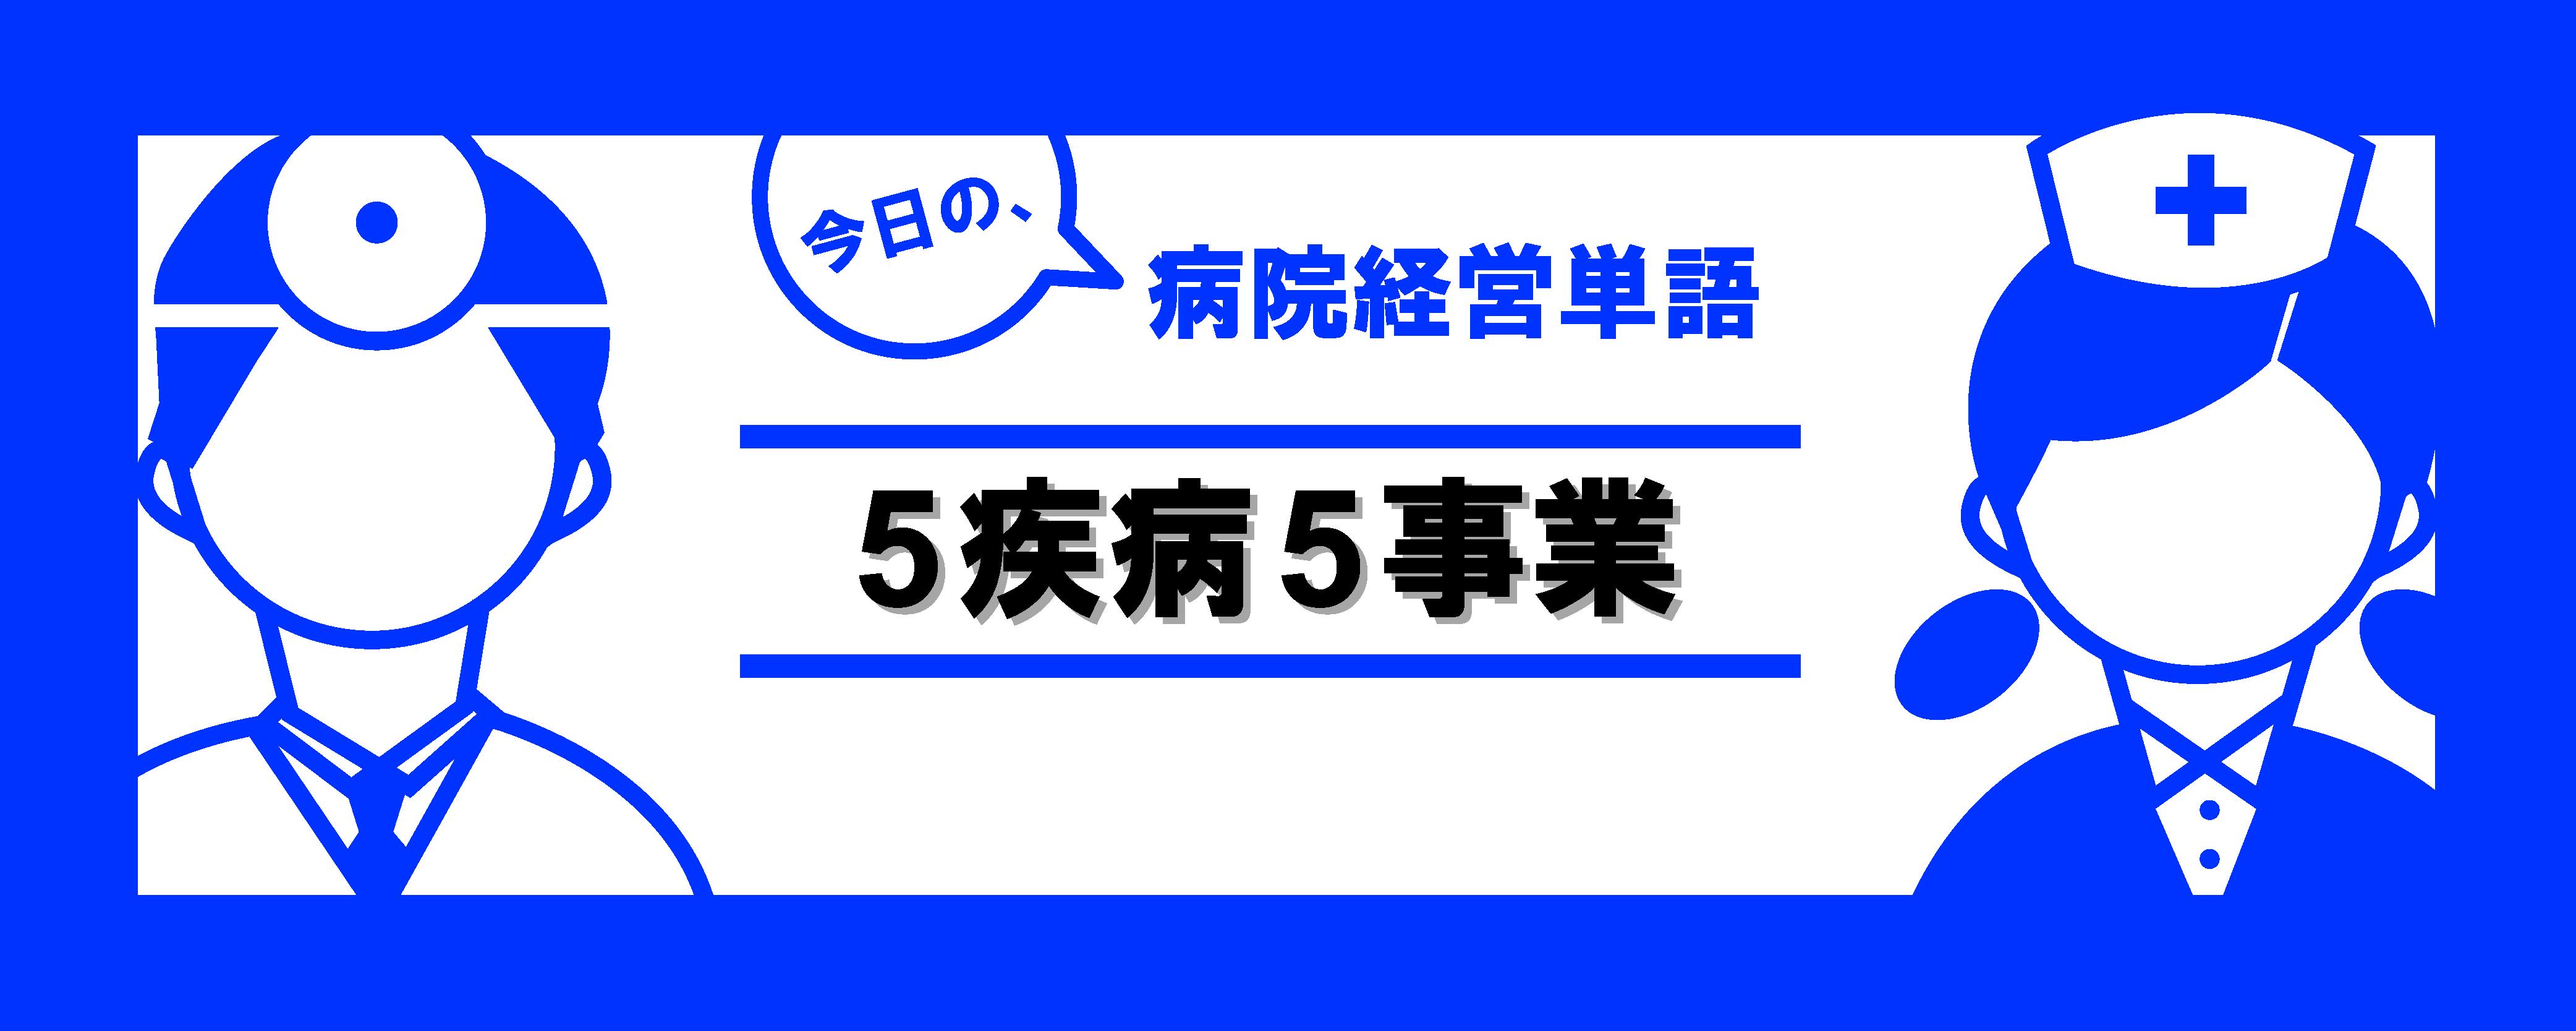 23.経営単語_記事画像